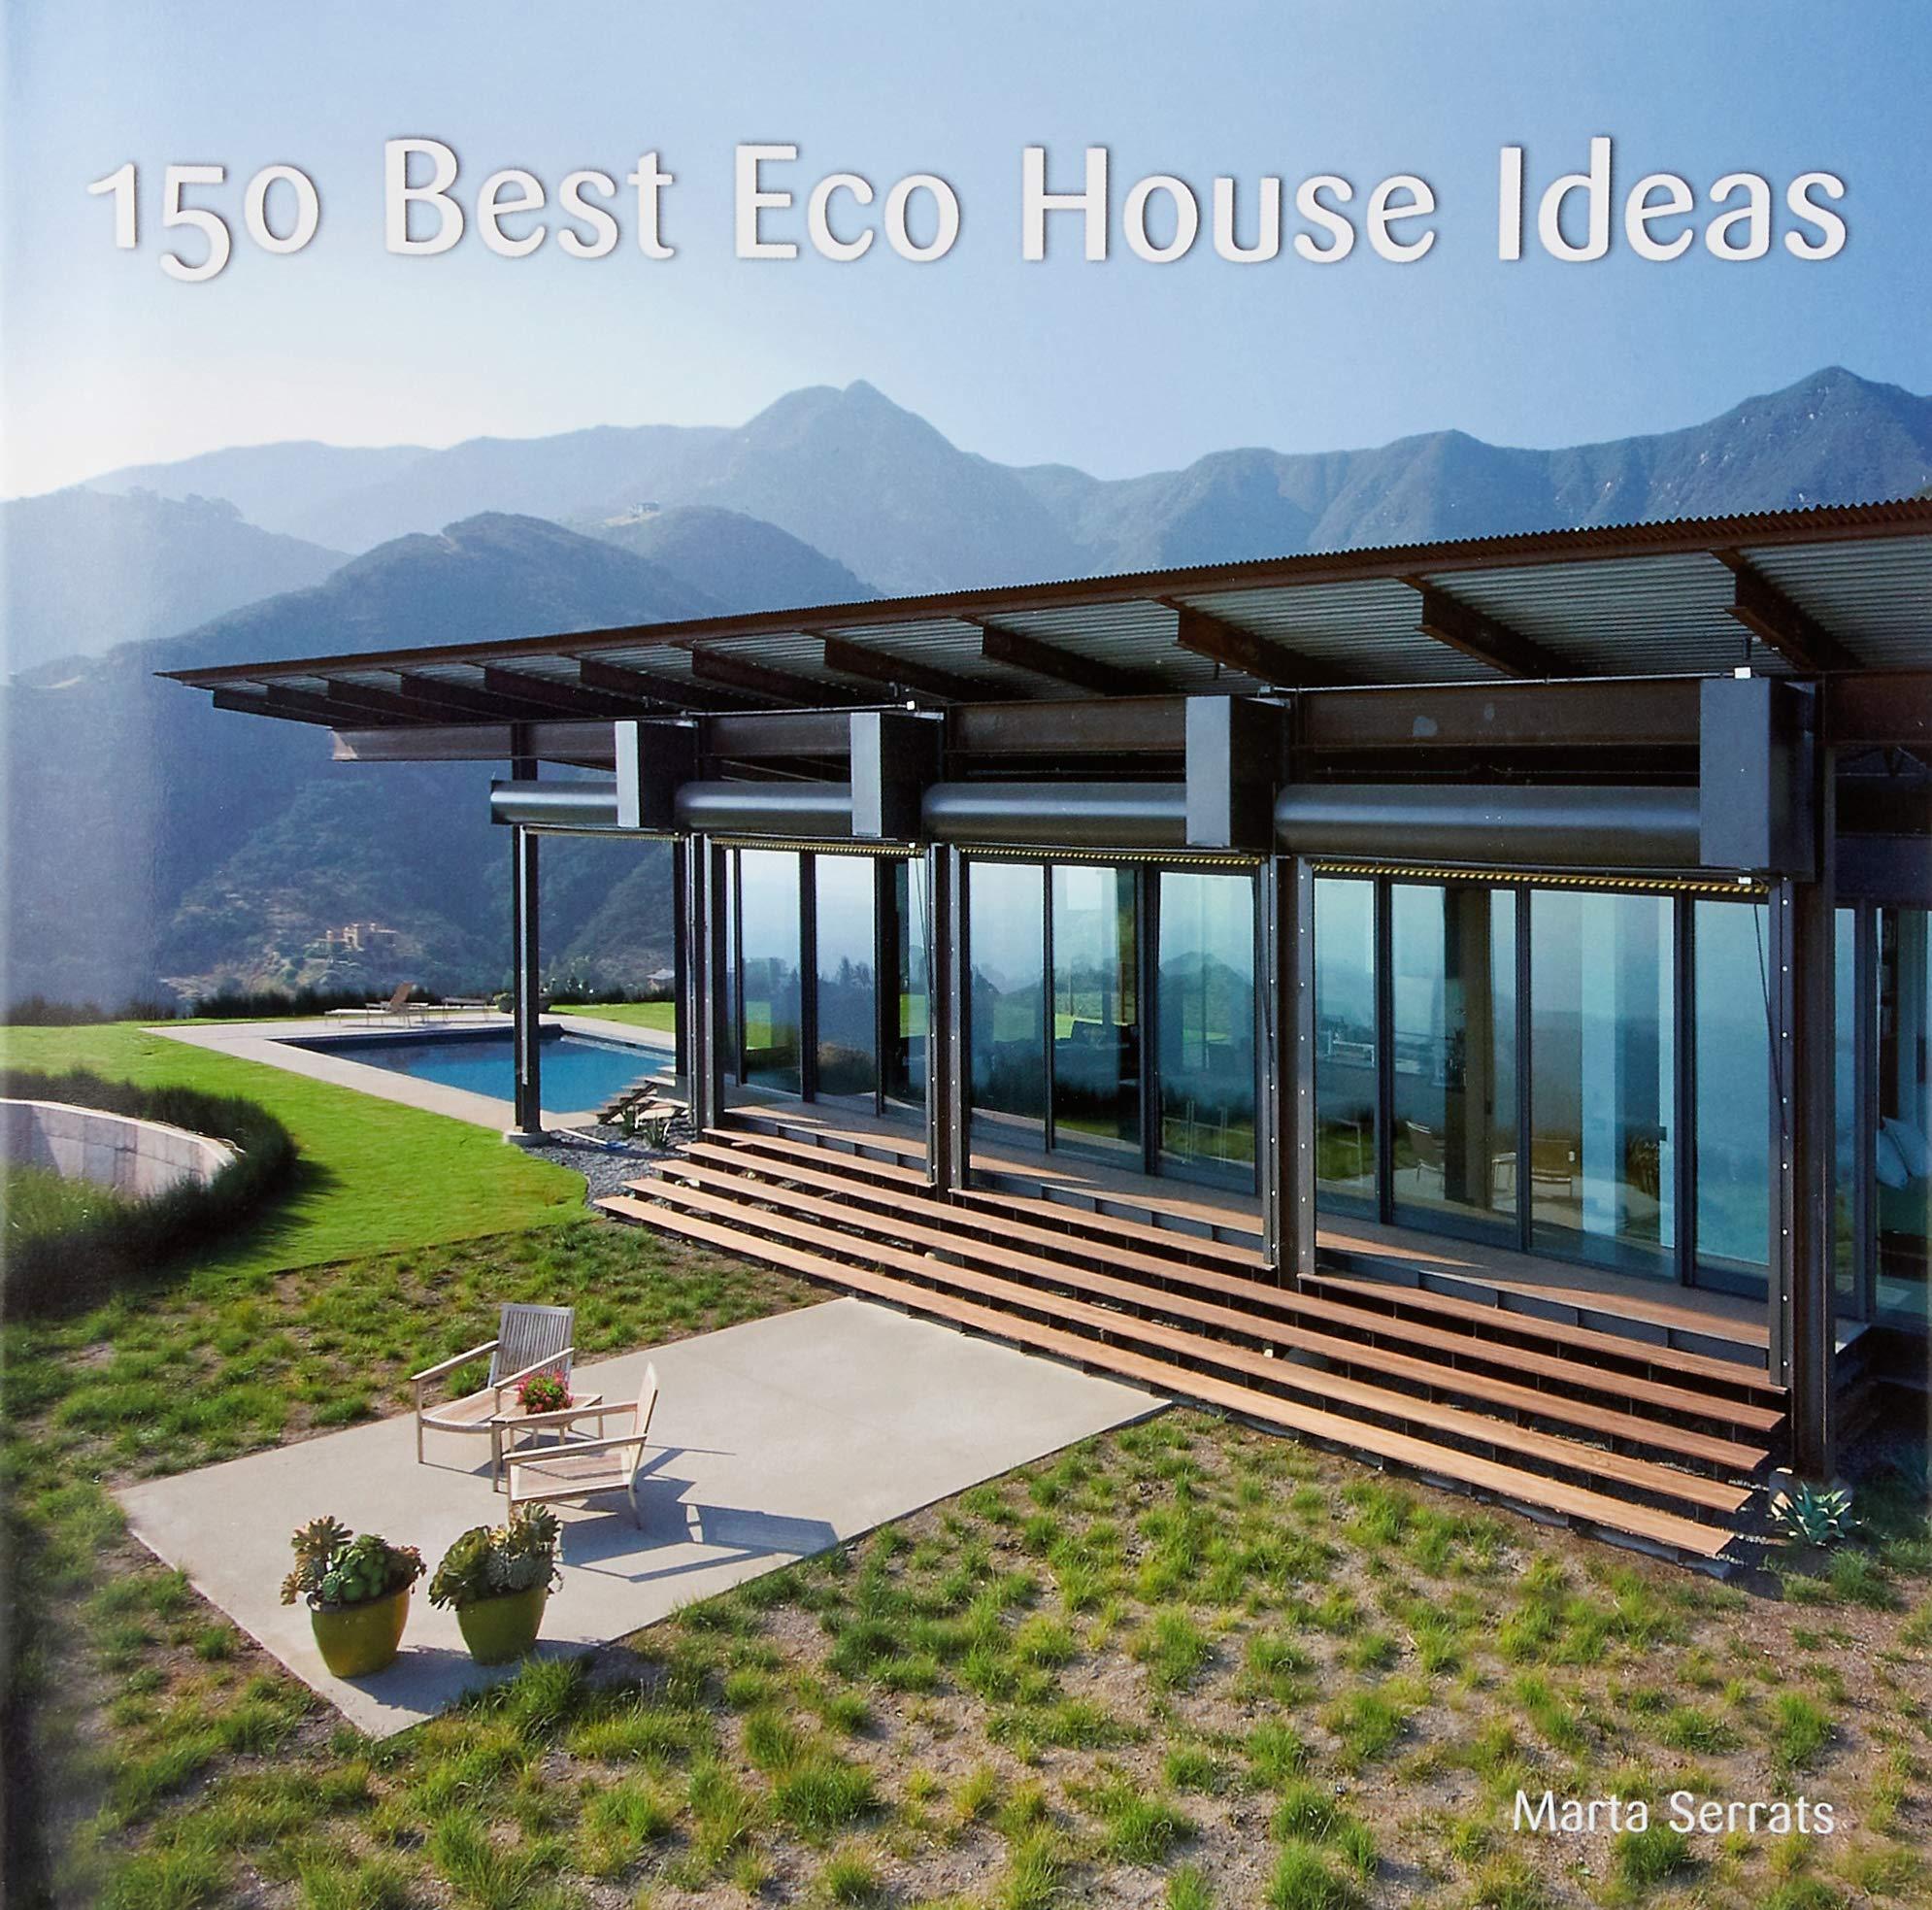 150 Best Eco House Ideas: Amazon.es: Serrats, Marta: Libros en idiomas extranjeros